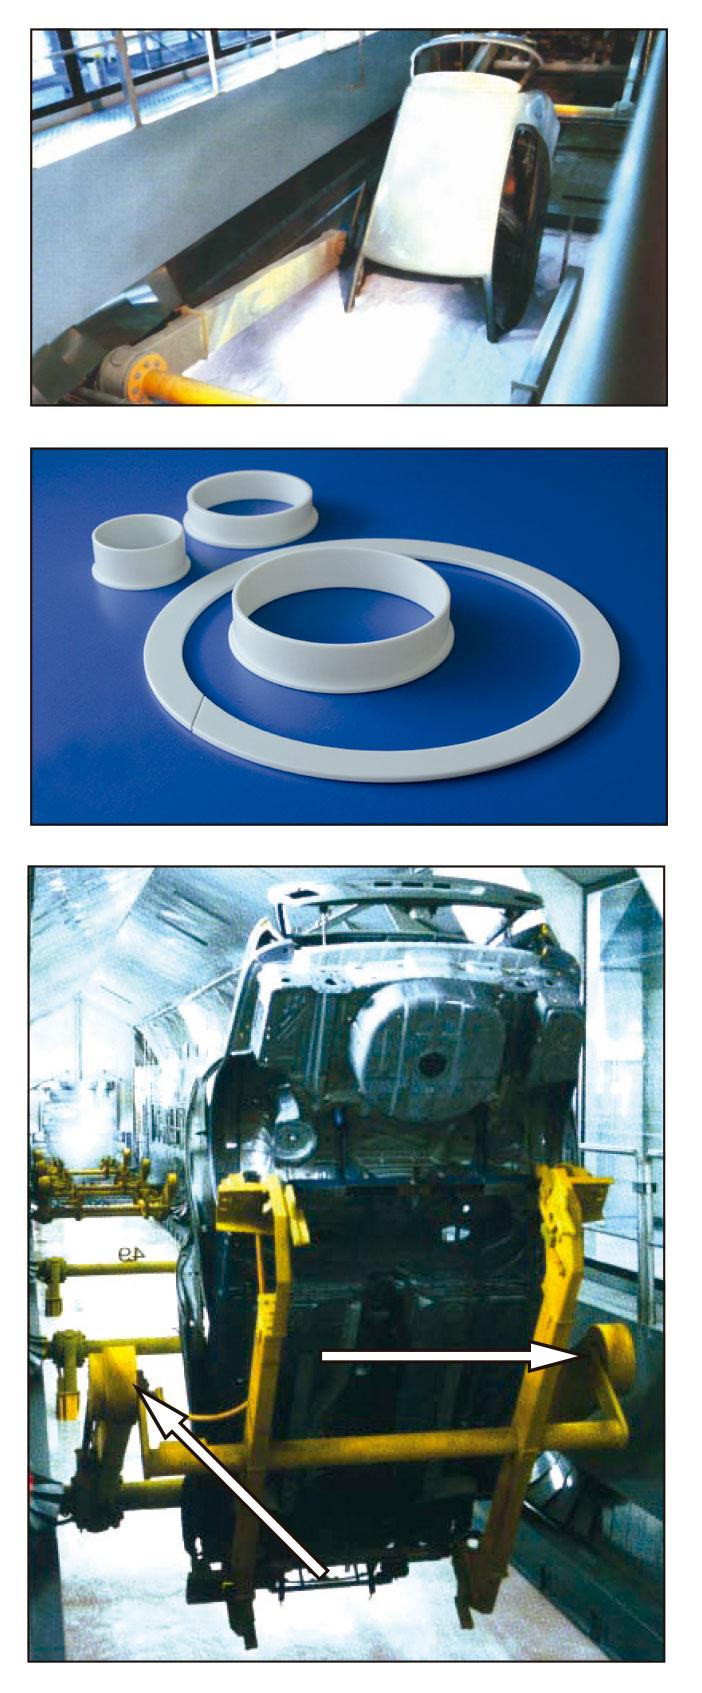 maquinaria-para-industria-del-automovi-bujes-y-cojinetes